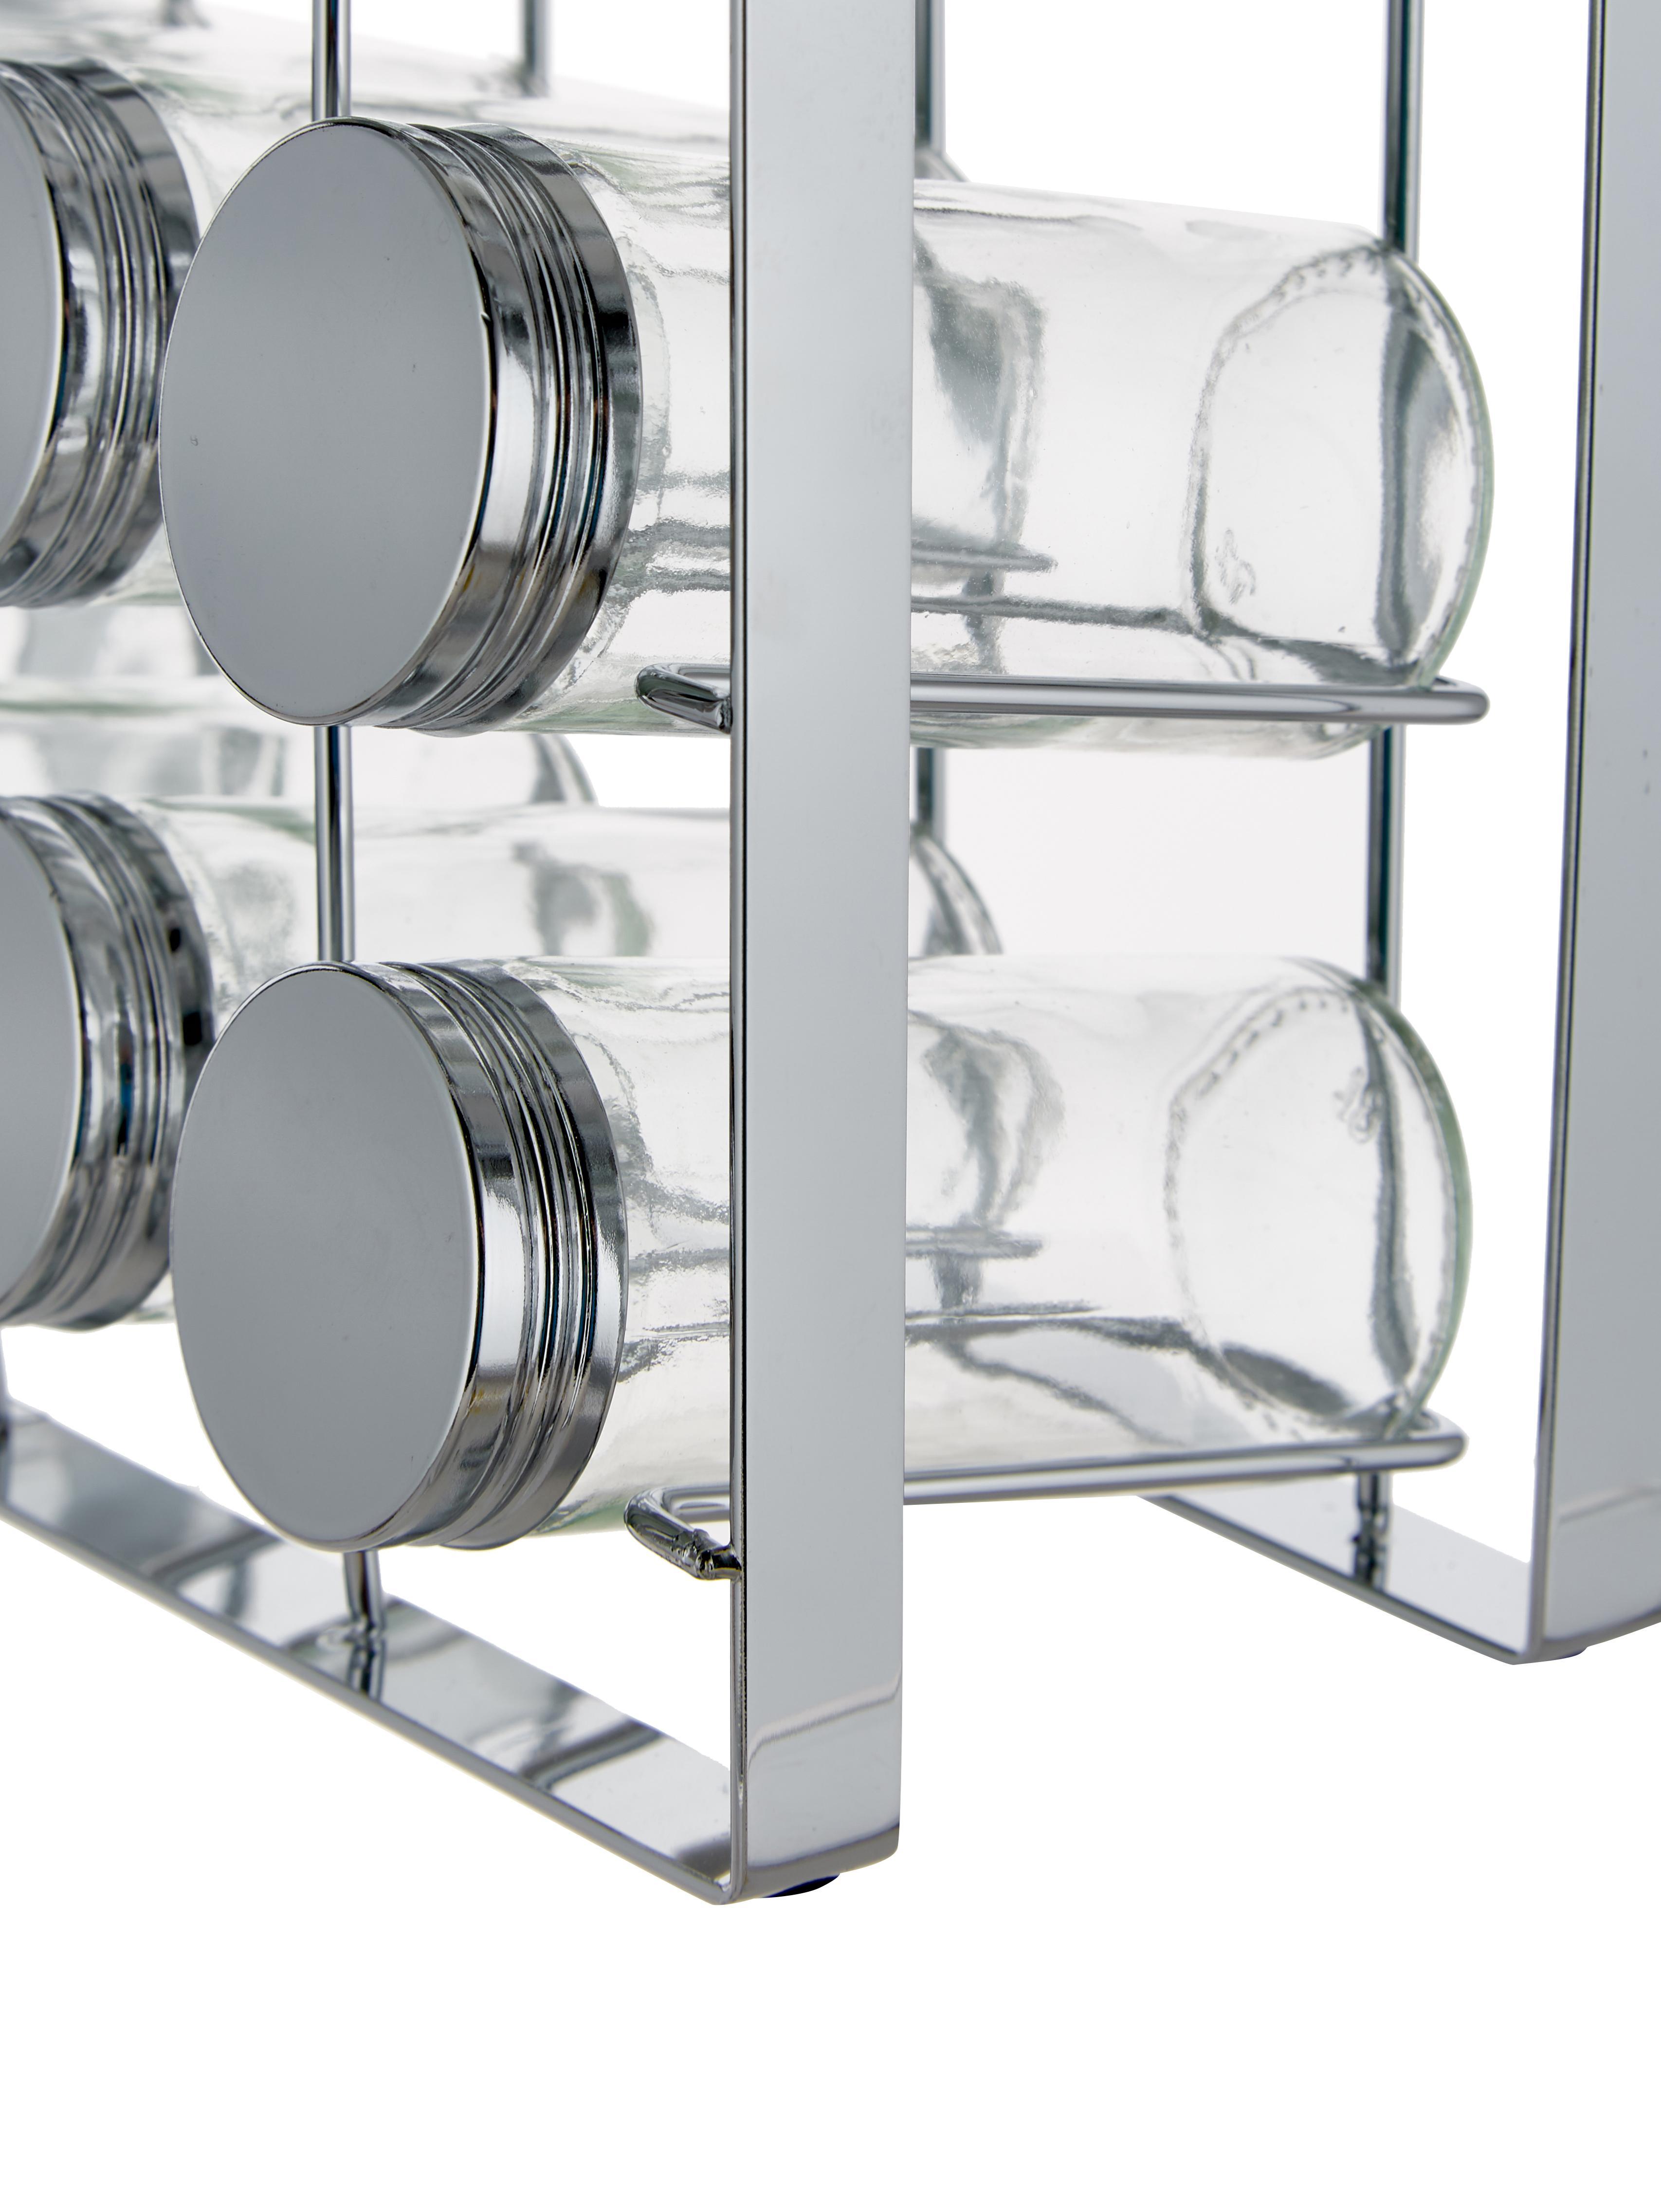 Gewürzregal Spices mit Aufbewahrungsdosen, 13-tlg., Gestell: Metall, lackiert, Dosen: Glas, Deckel: Aluminium, lackiert, Silberfarben, 24 x 22 cm